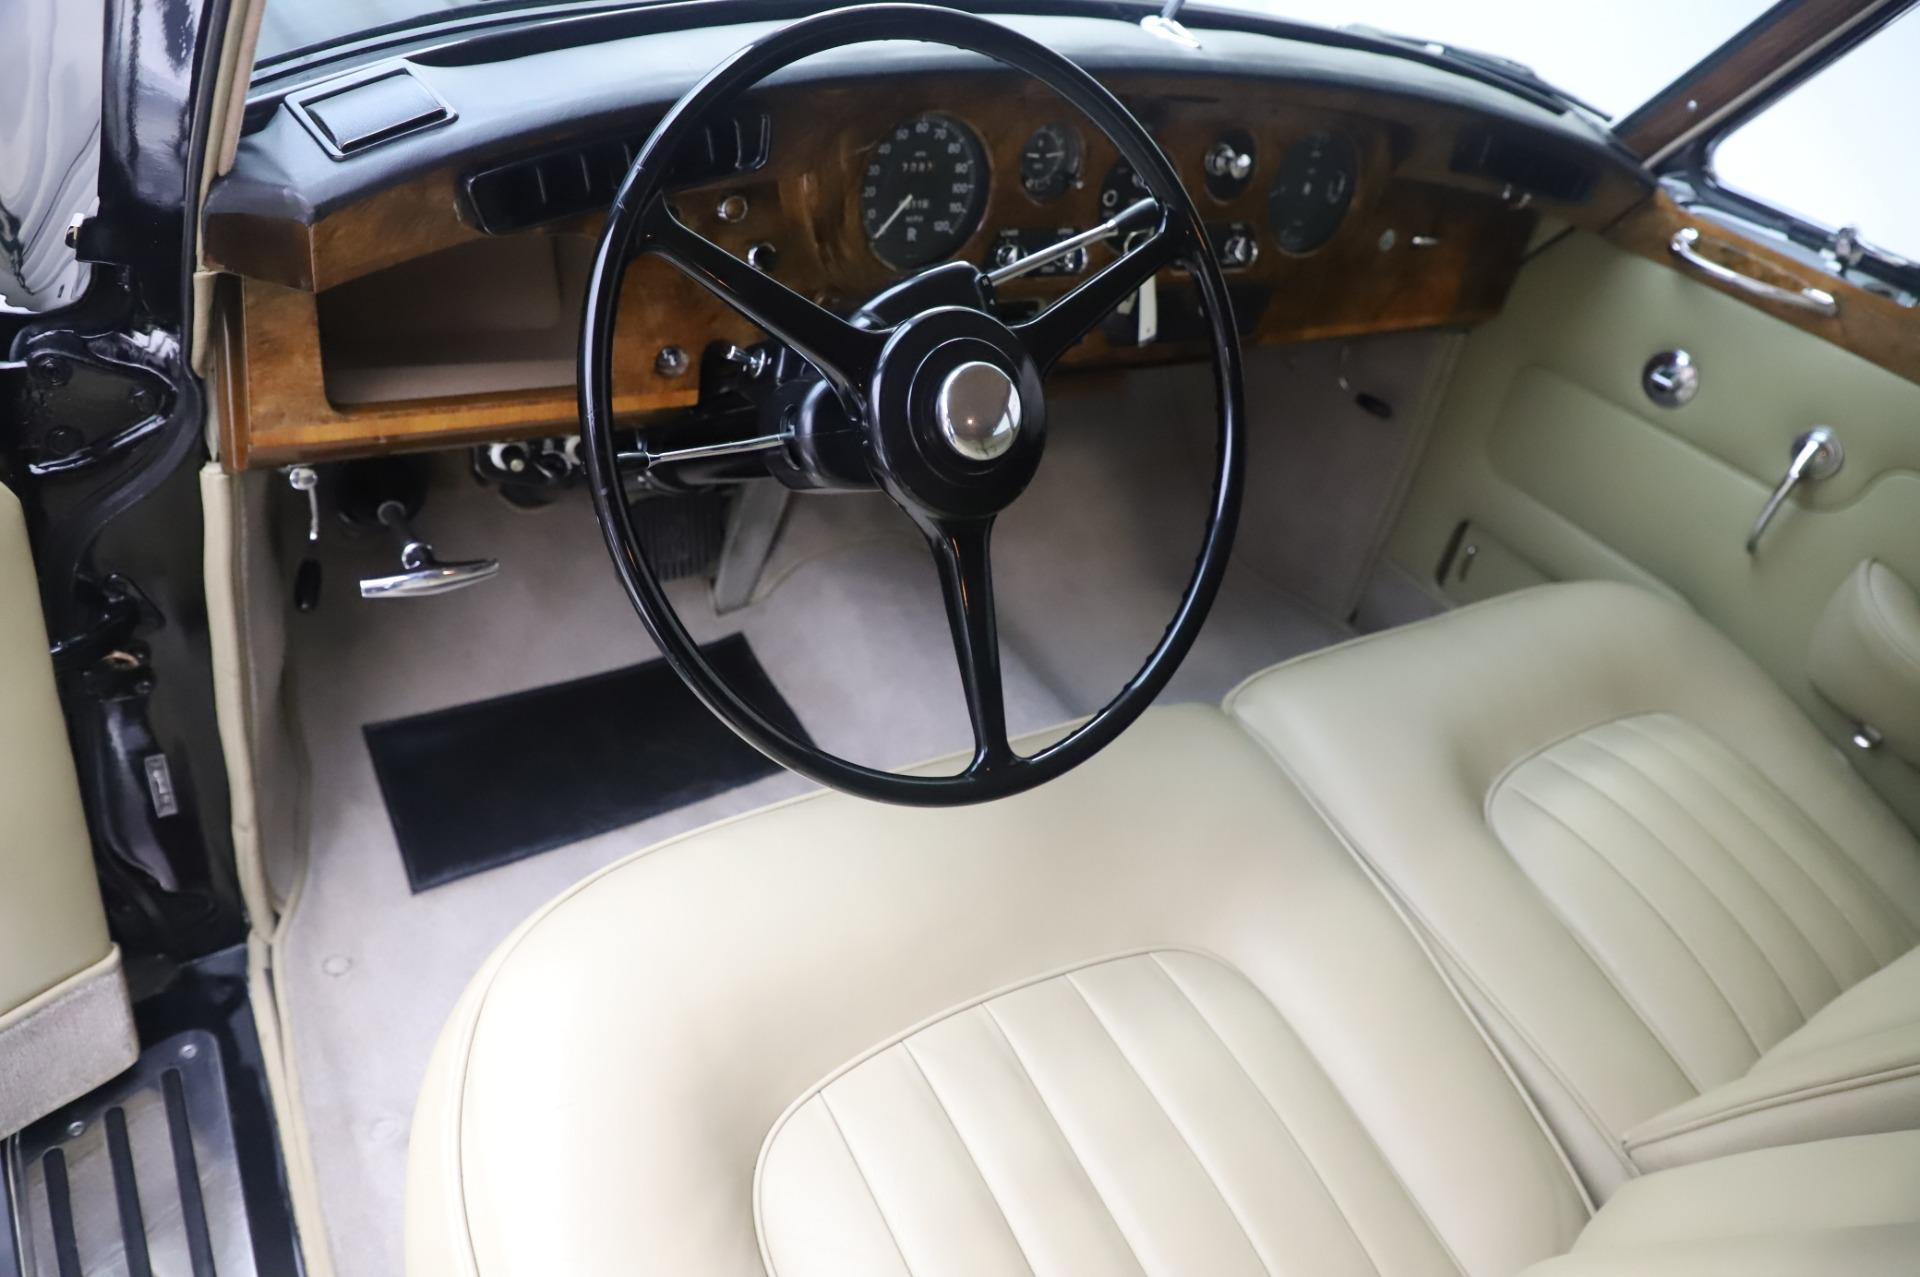 Used 1965 Rolls Royce Silver Cloud III